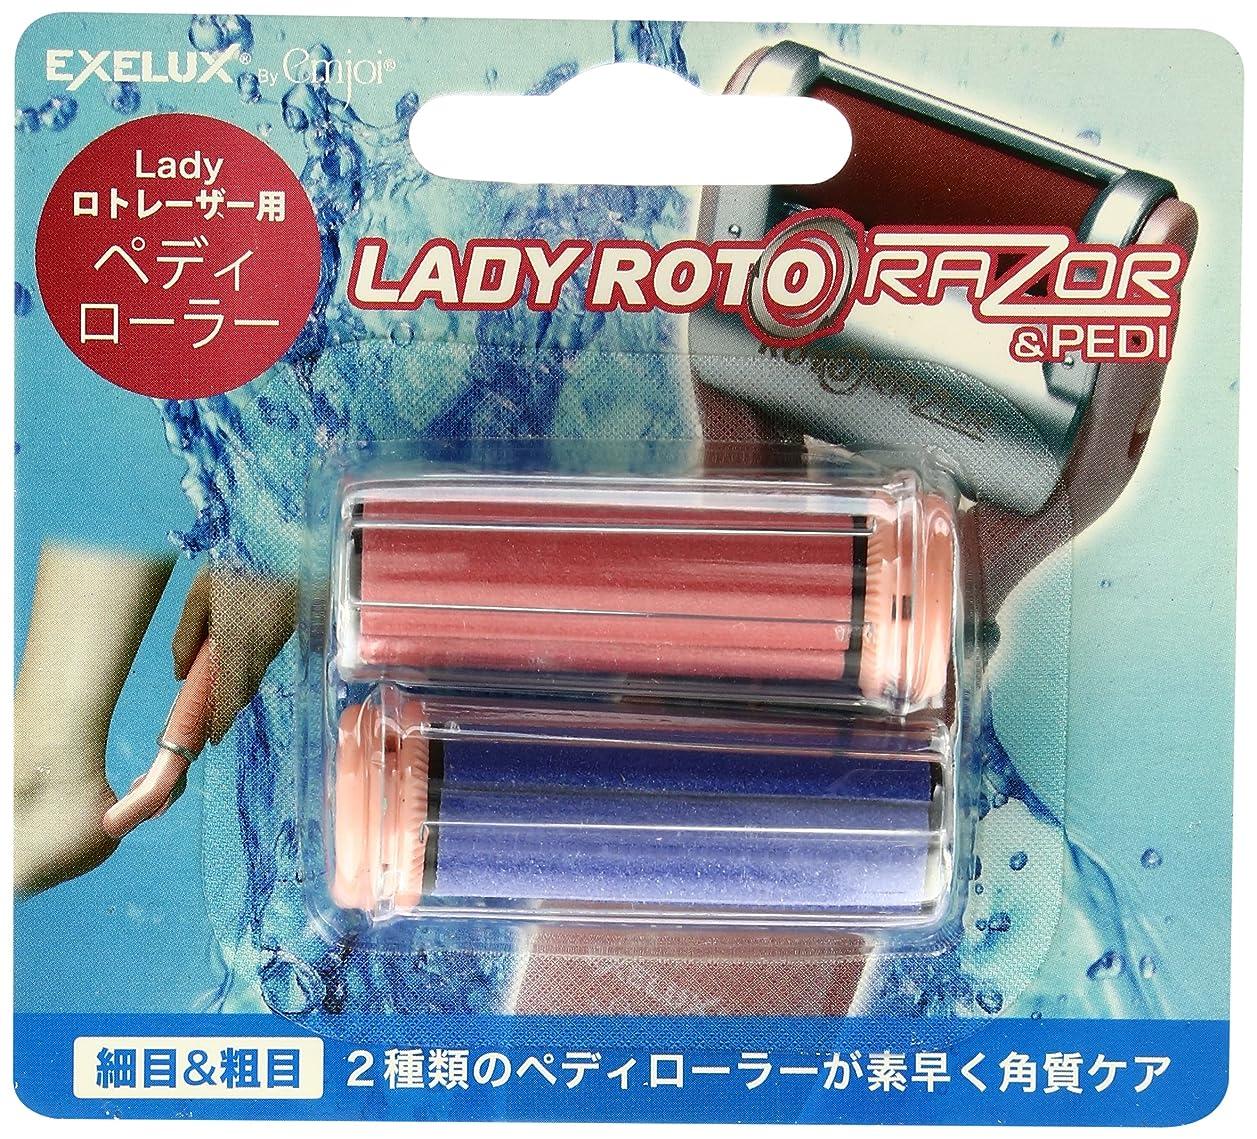 エコークレーターボックスmetex Lady ロトレーザー & Pedi用ペディローラー EJRR-LP2